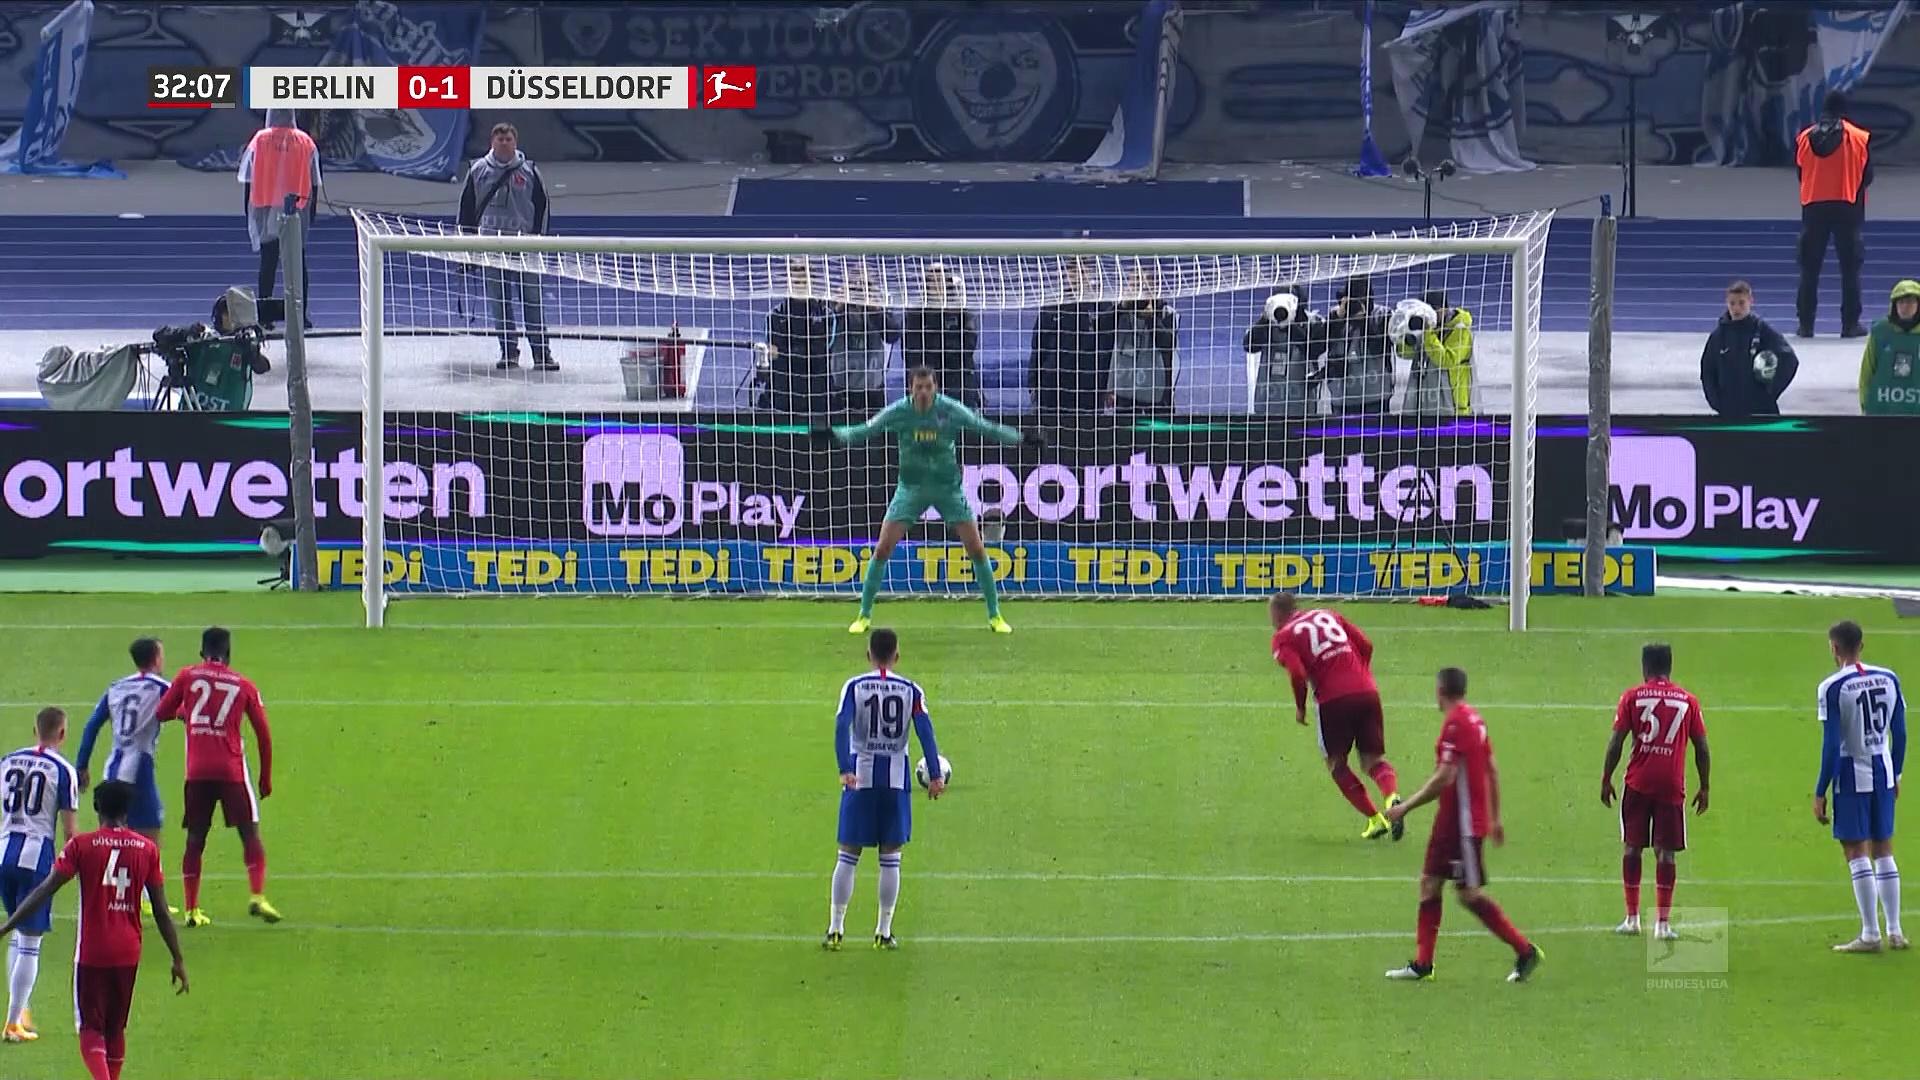 7. Hafta / Herhta Berlin - Fortuna Düsseldorf: 3-1 (Özet)